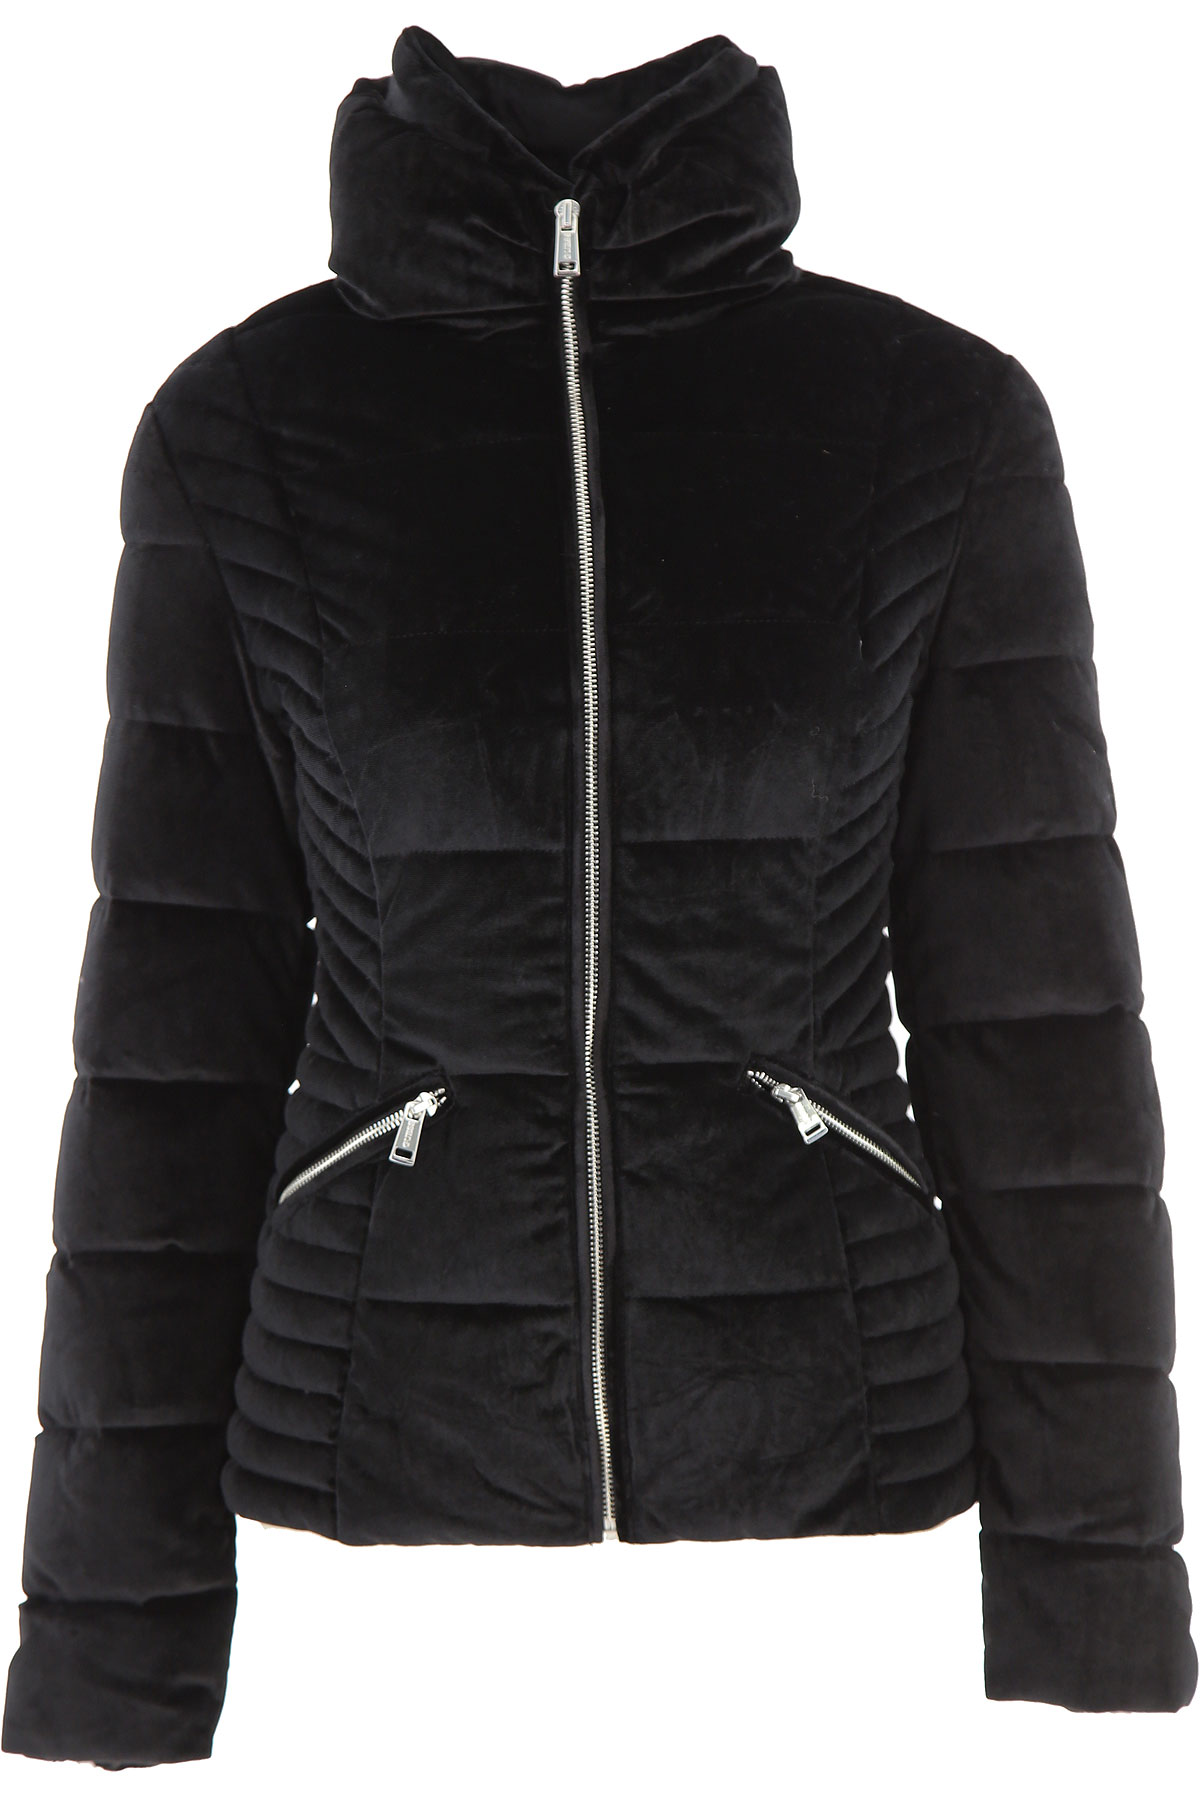 18% Sale Guess Jacke für Damen Günstig im Sale, Schwarz